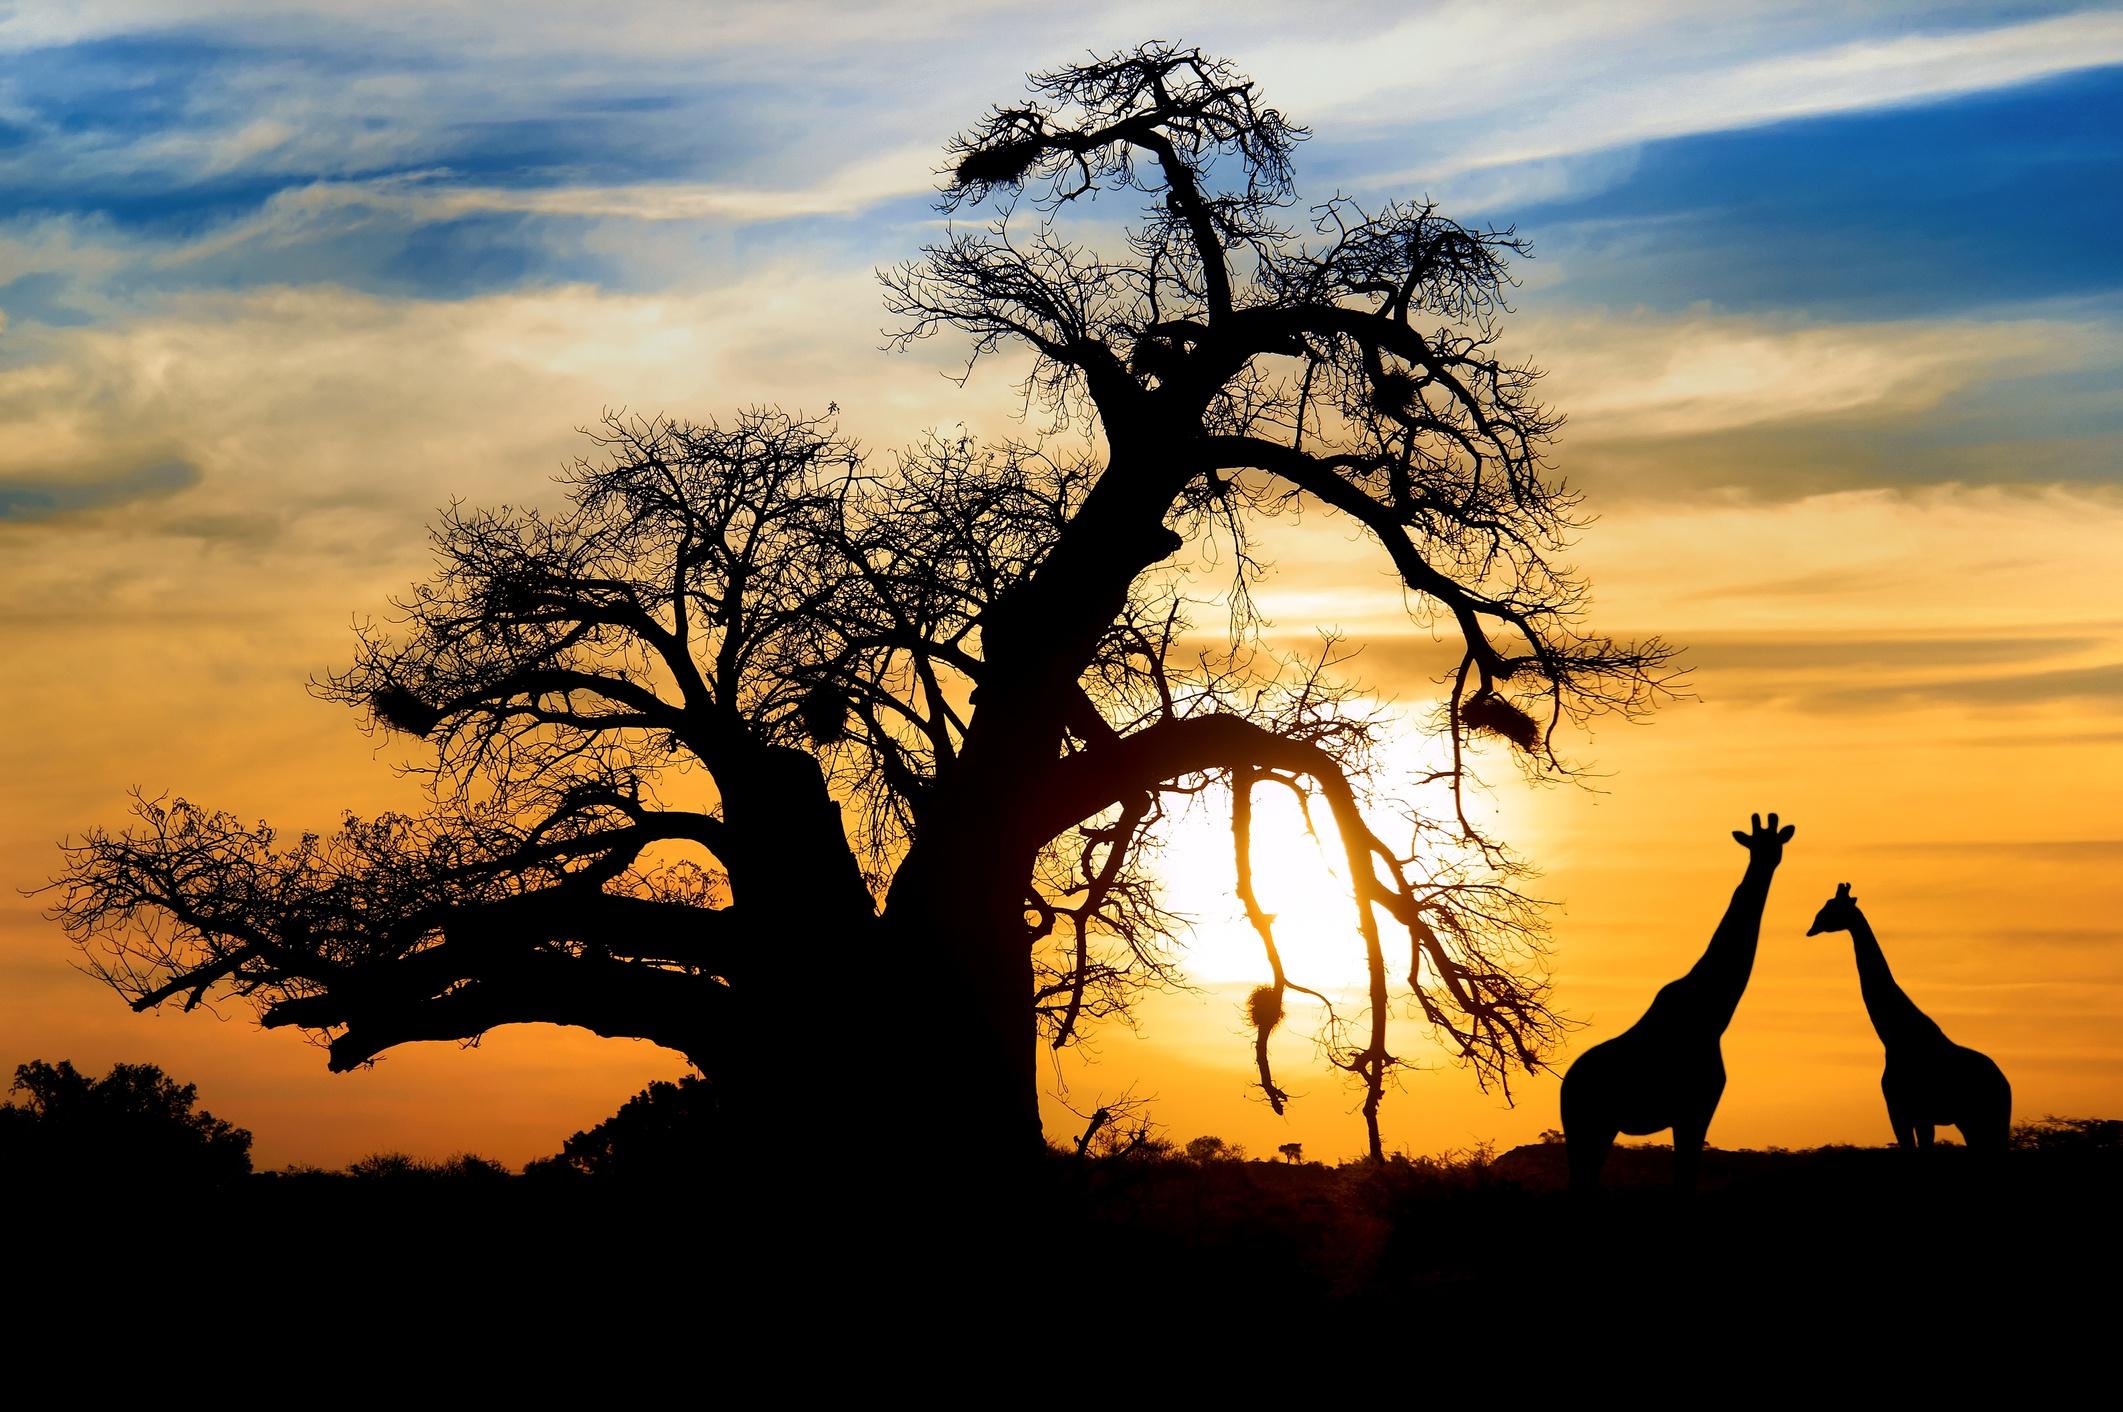 Giraffes in the Botswana sunset